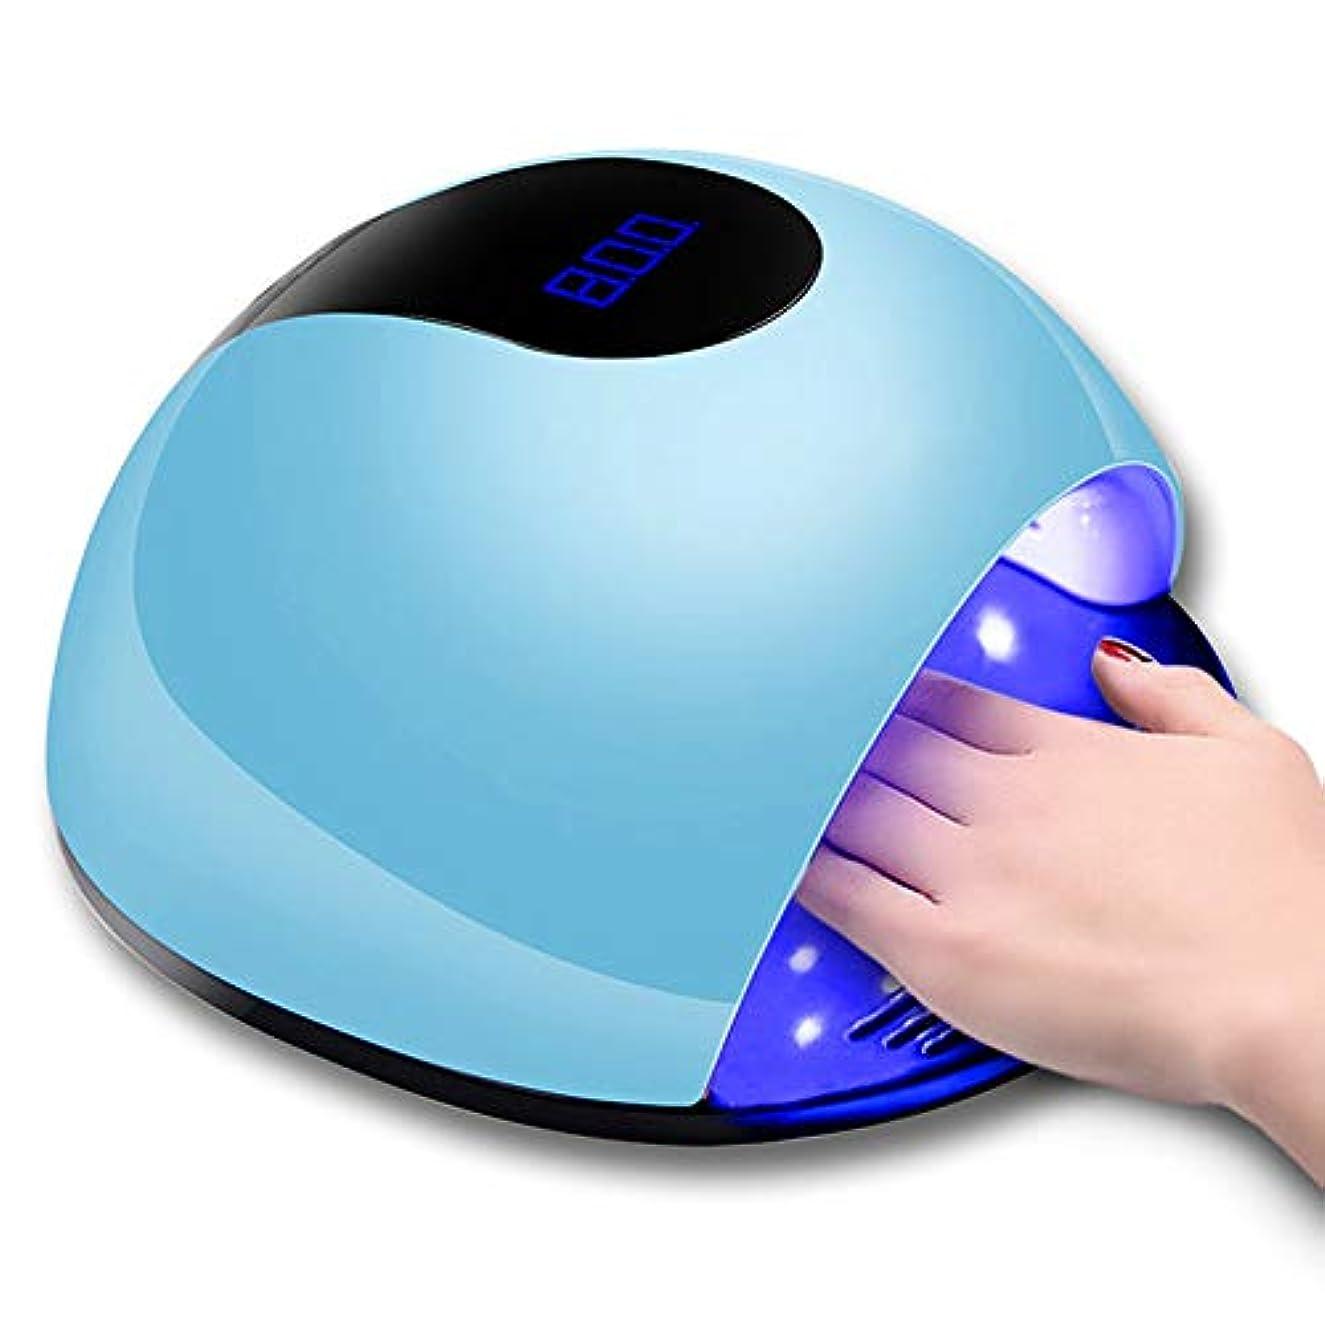 ジェルネイルポリッシュ80Wハイパワーネイル光線療法マシンLEDライト速乾性ネイルランプ誘導ネイルベーキングランプドライヤー,ブルー